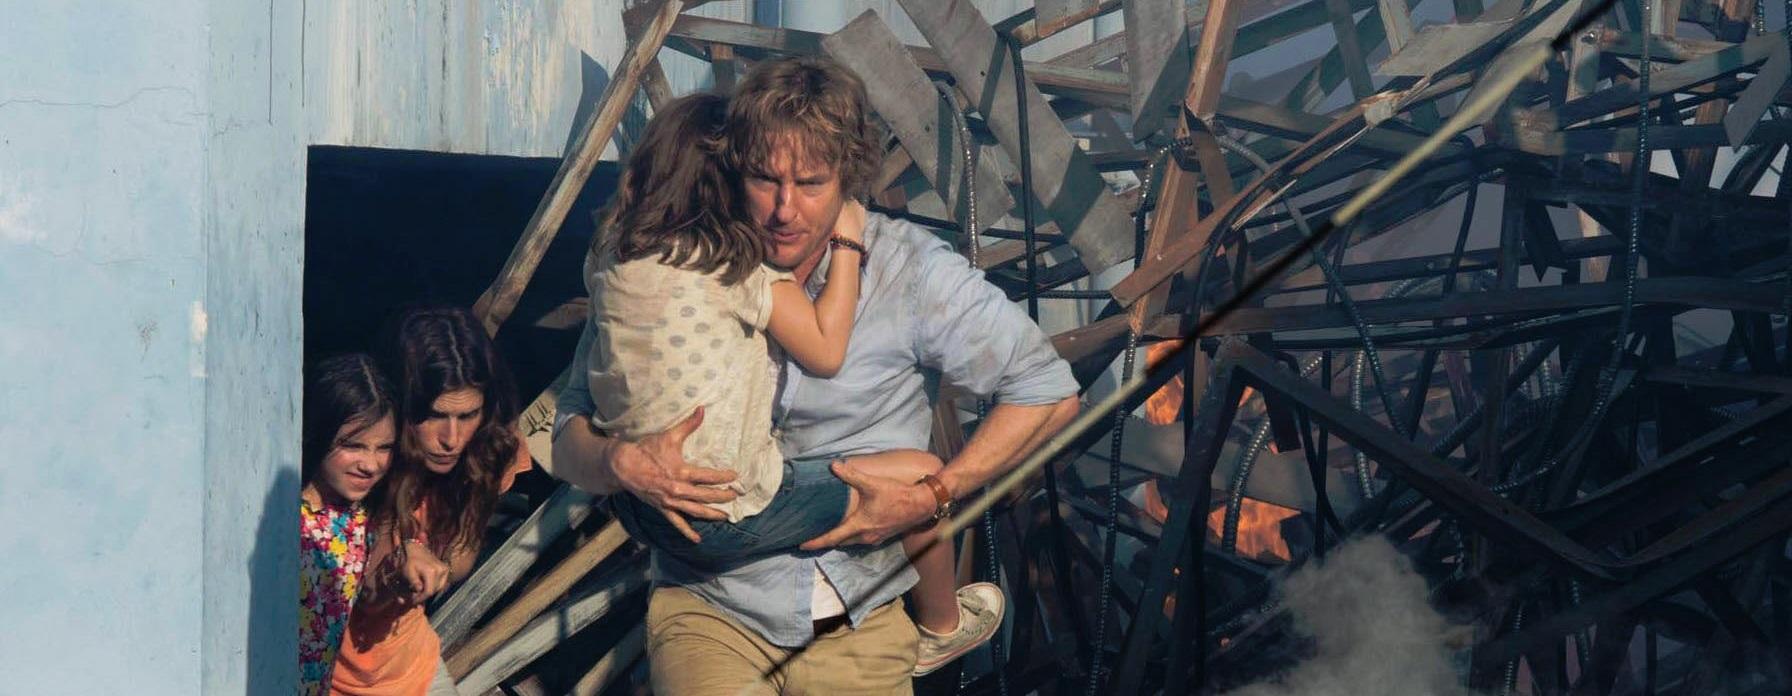 no escape - i migliori film del 2015